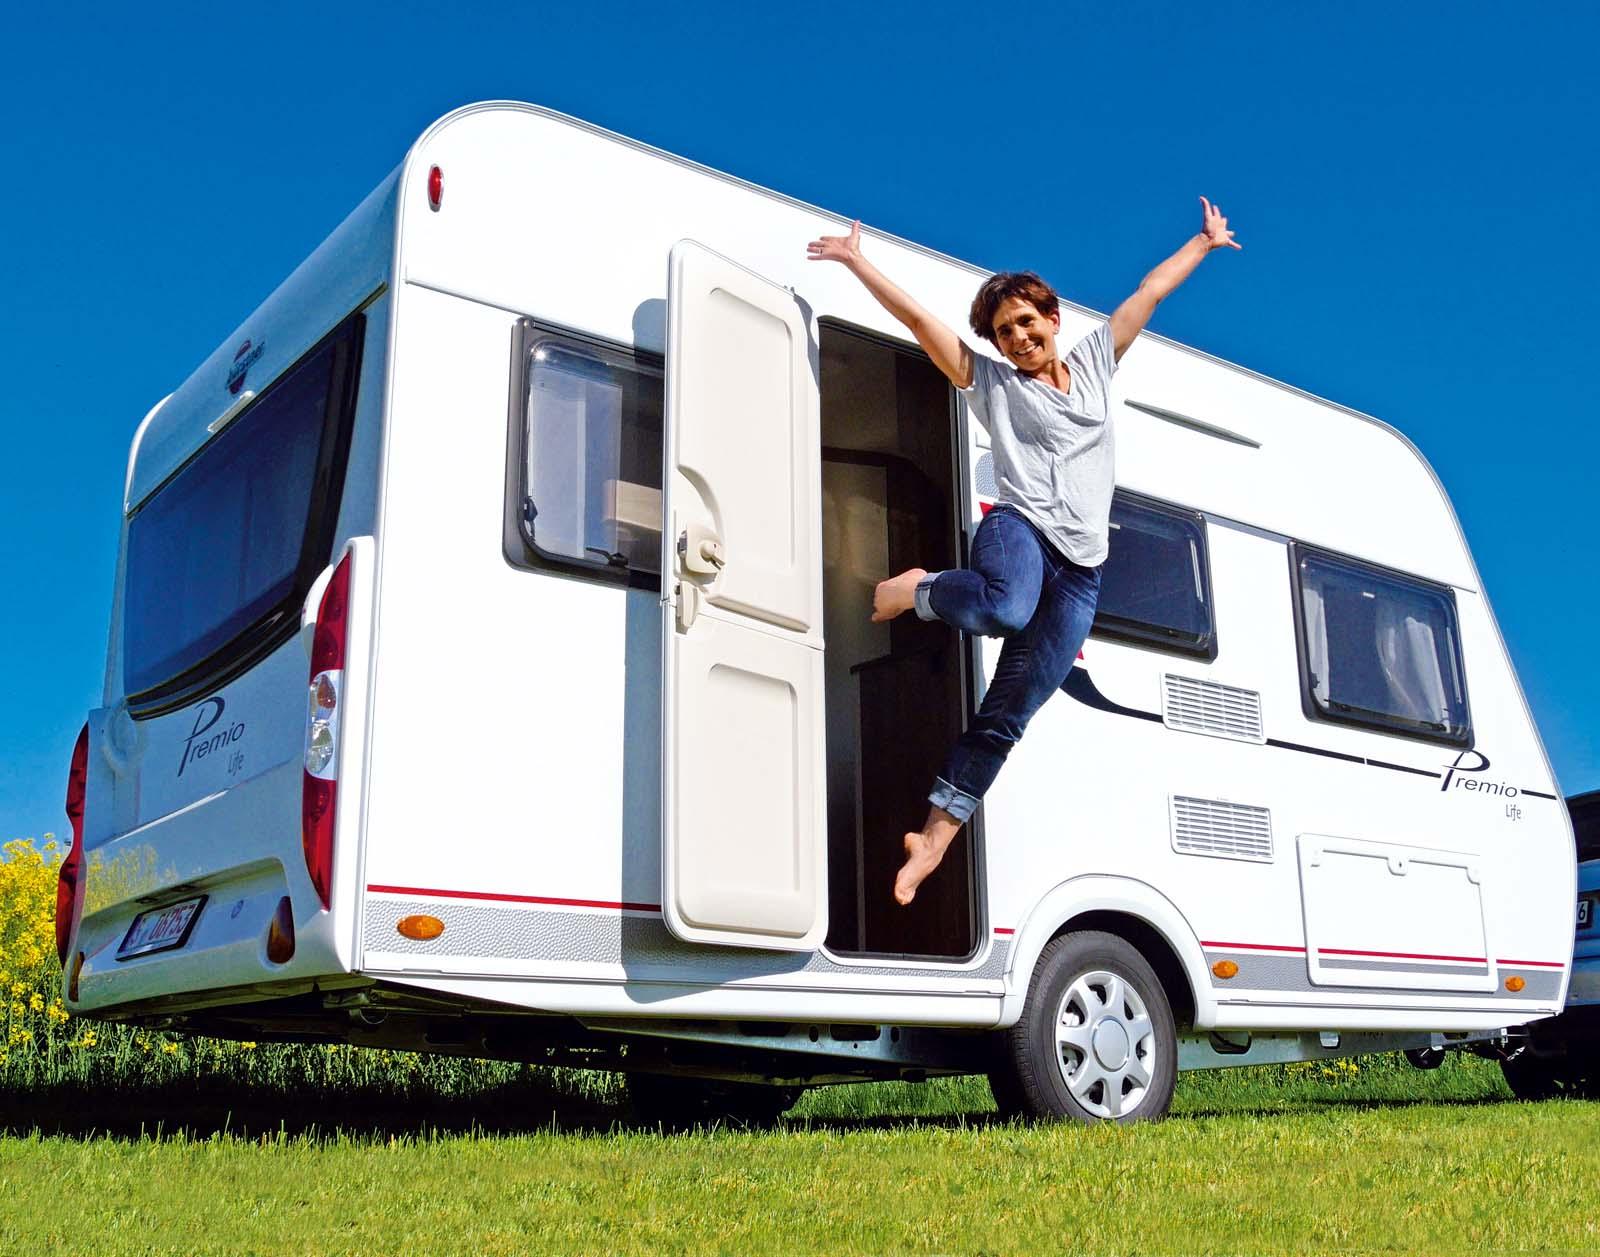 b rstner premio life 430 ts im test camping cars caravans. Black Bedroom Furniture Sets. Home Design Ideas